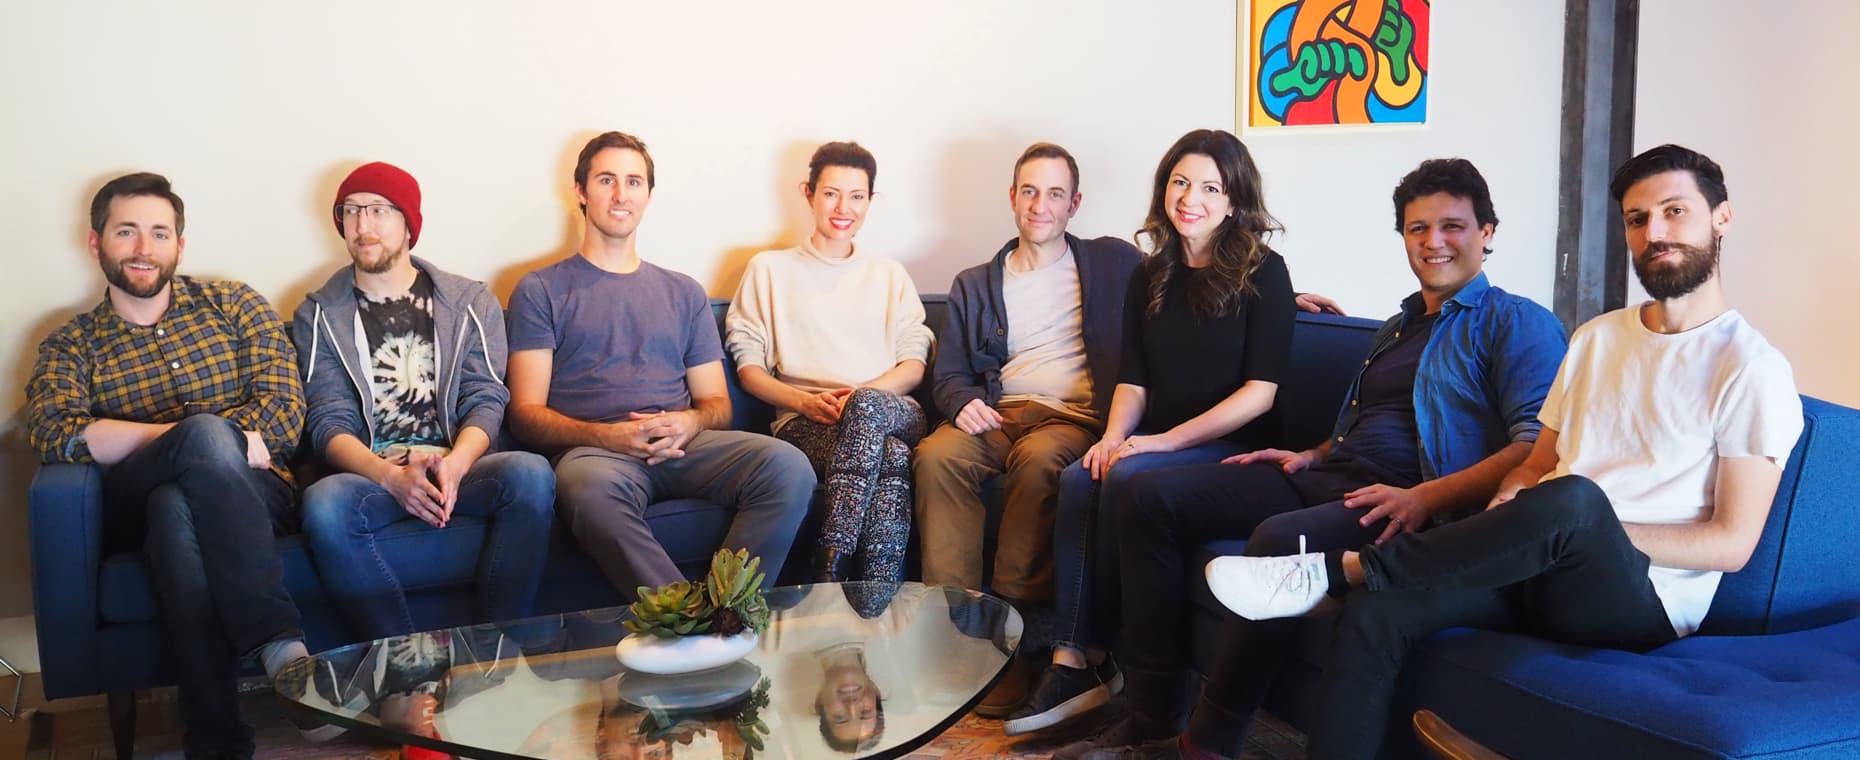 Lingo team photo